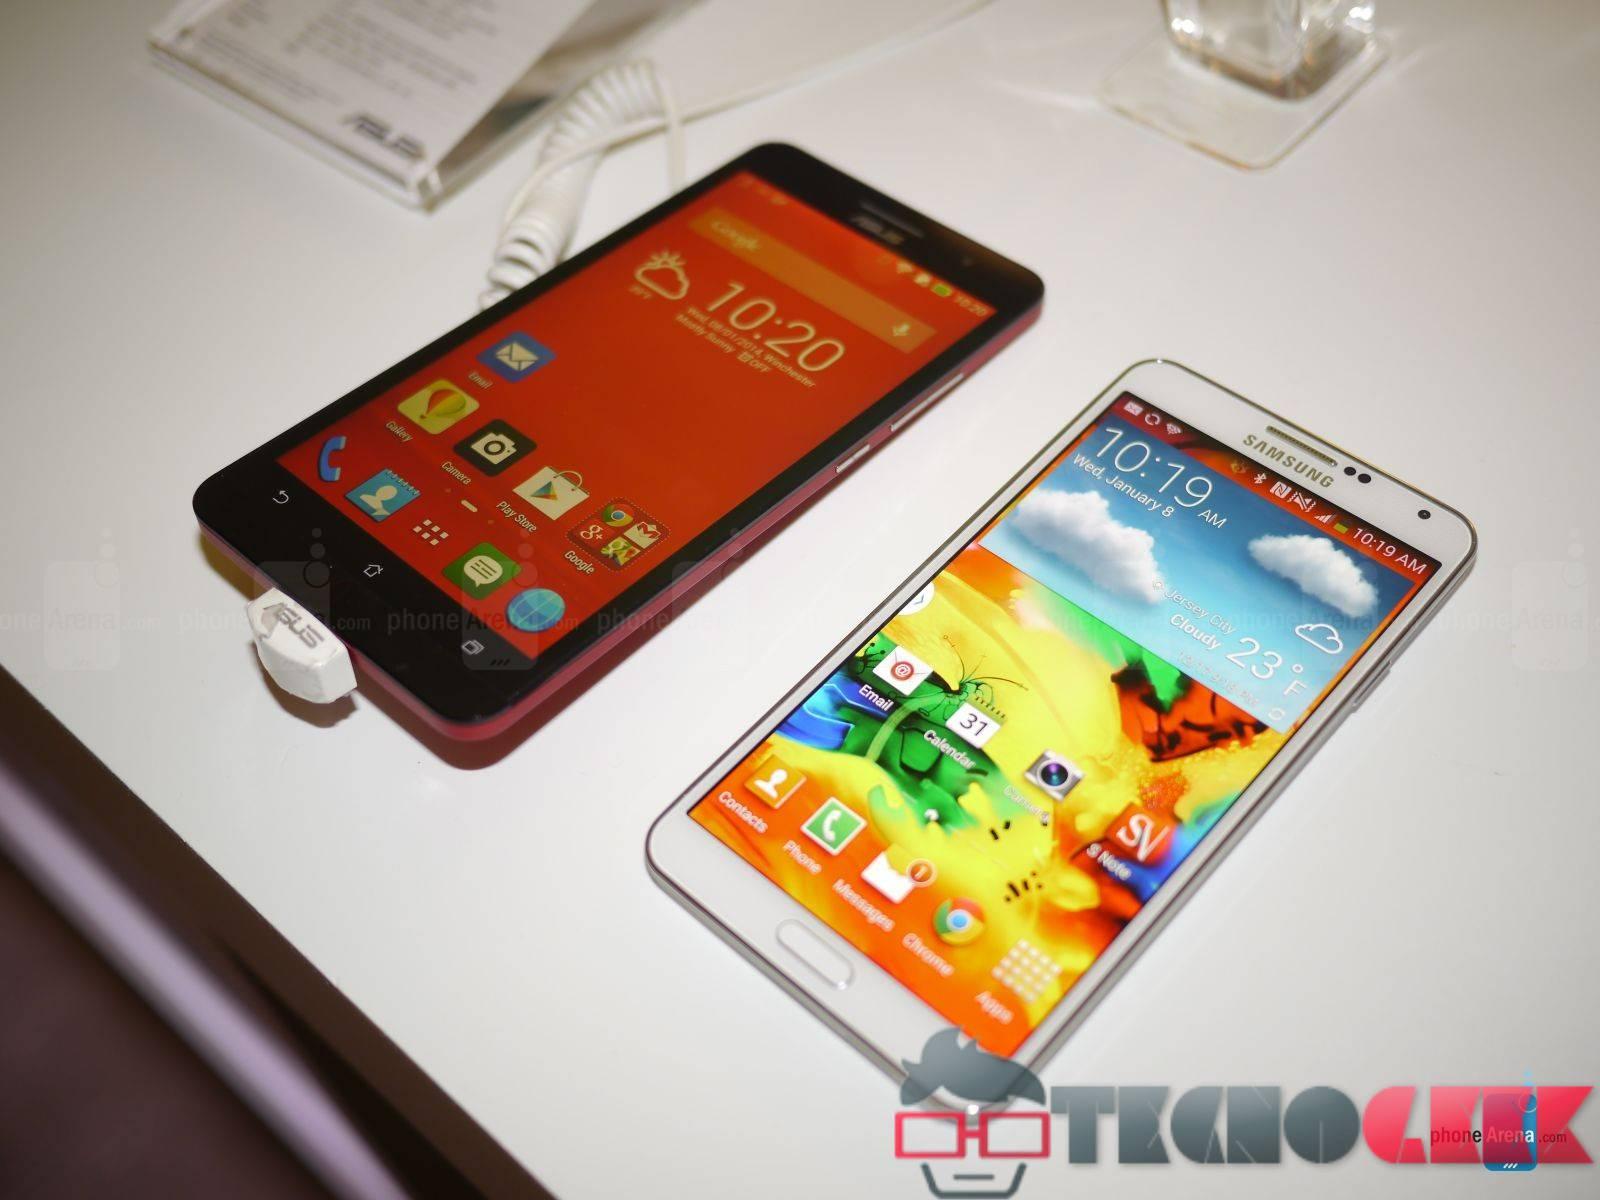 Comparativa Asus ZenFone 6 vs Samsung Galaxy Note 3